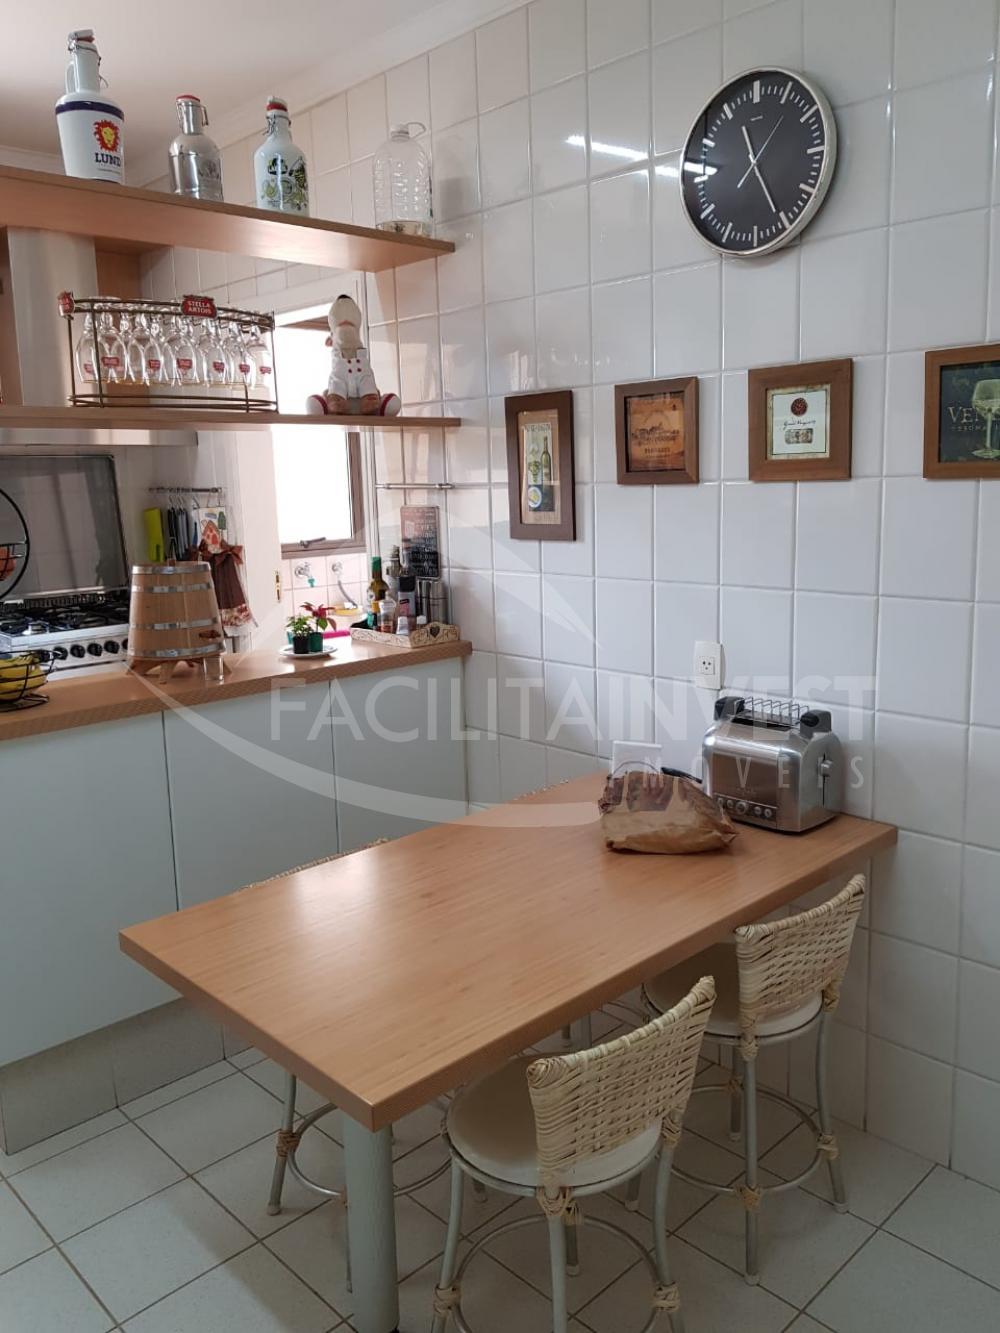 Comprar Apartamentos / Apart. Padrão em Ribeirão Preto apenas R$ 1.000.000,00 - Foto 12